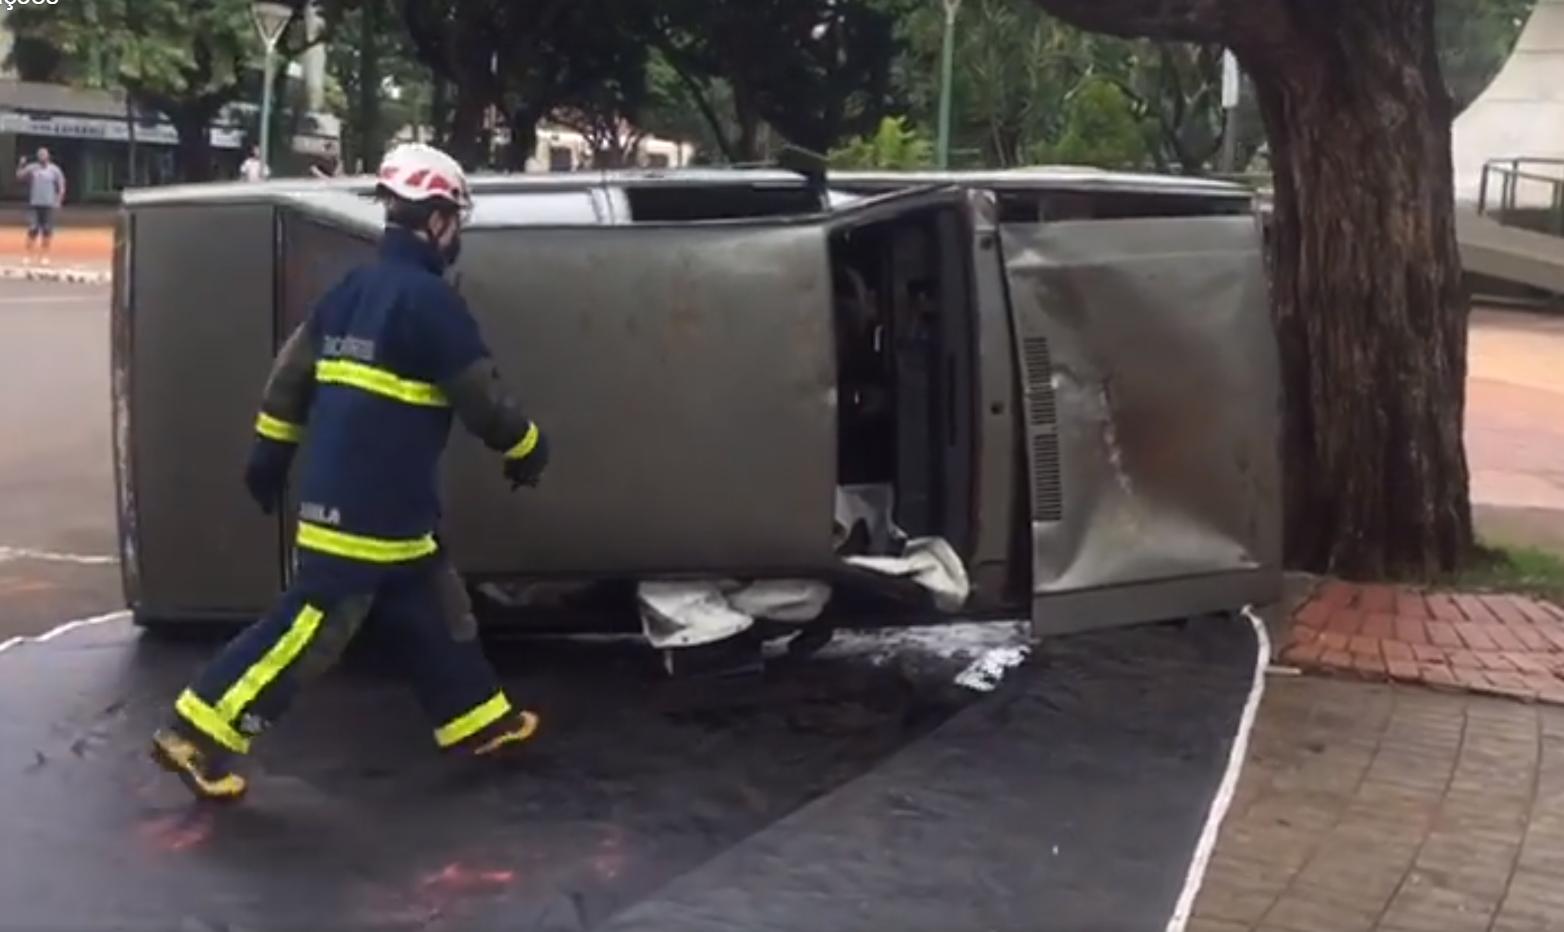 Resgate em acidente simulado atrai atenção no centro de Maringá